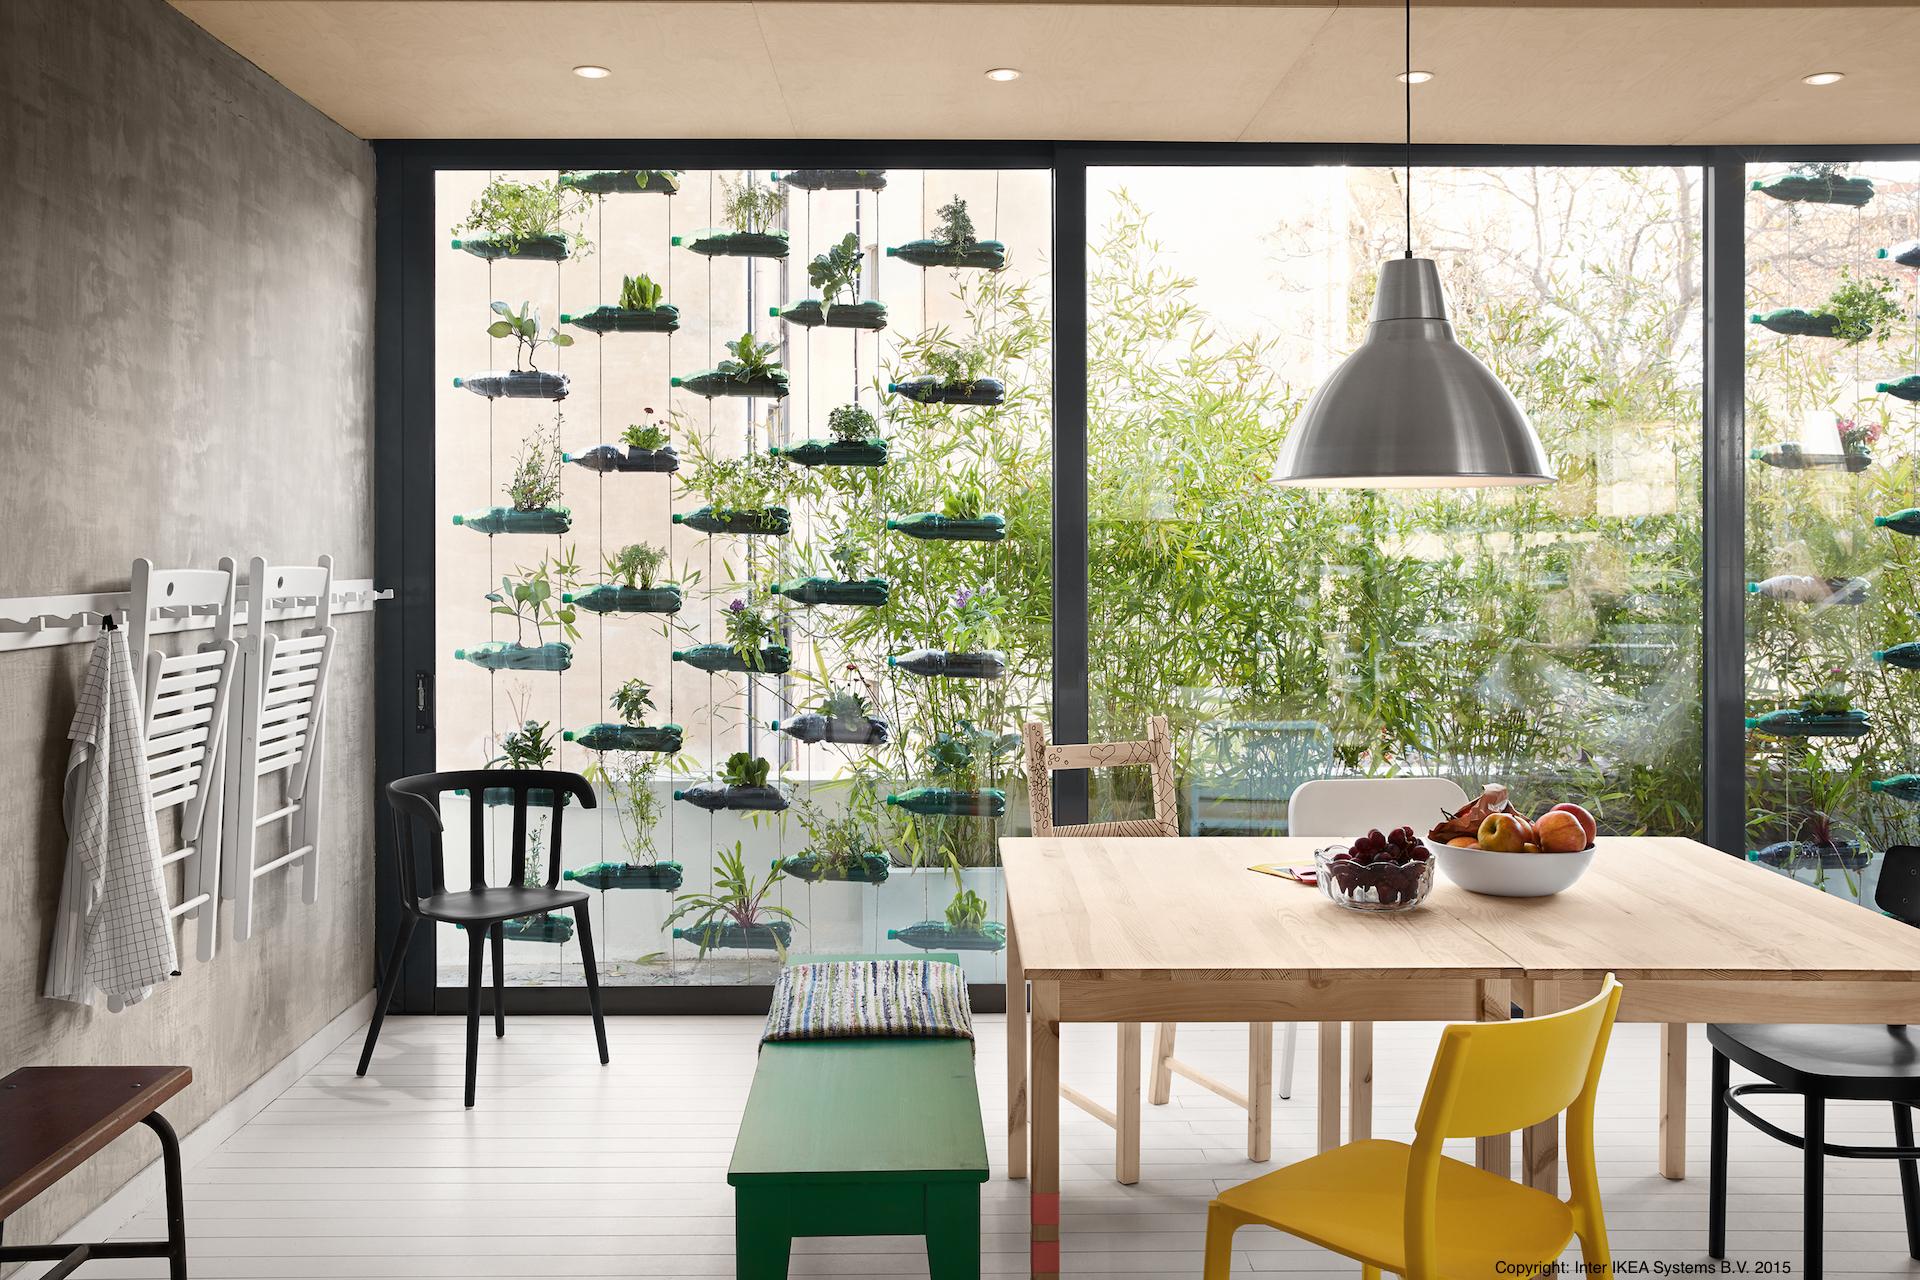 Full Size of Raumteiler Ikea Balkon Ideen Kleines Diy Als Sichtschutz Ahoi 7 Küche Kosten Modulküche Kaufen Betten 160x200 Miniküche Regal Sofa Mit Schlaffunktion Bei Wohnzimmer Raumteiler Ikea